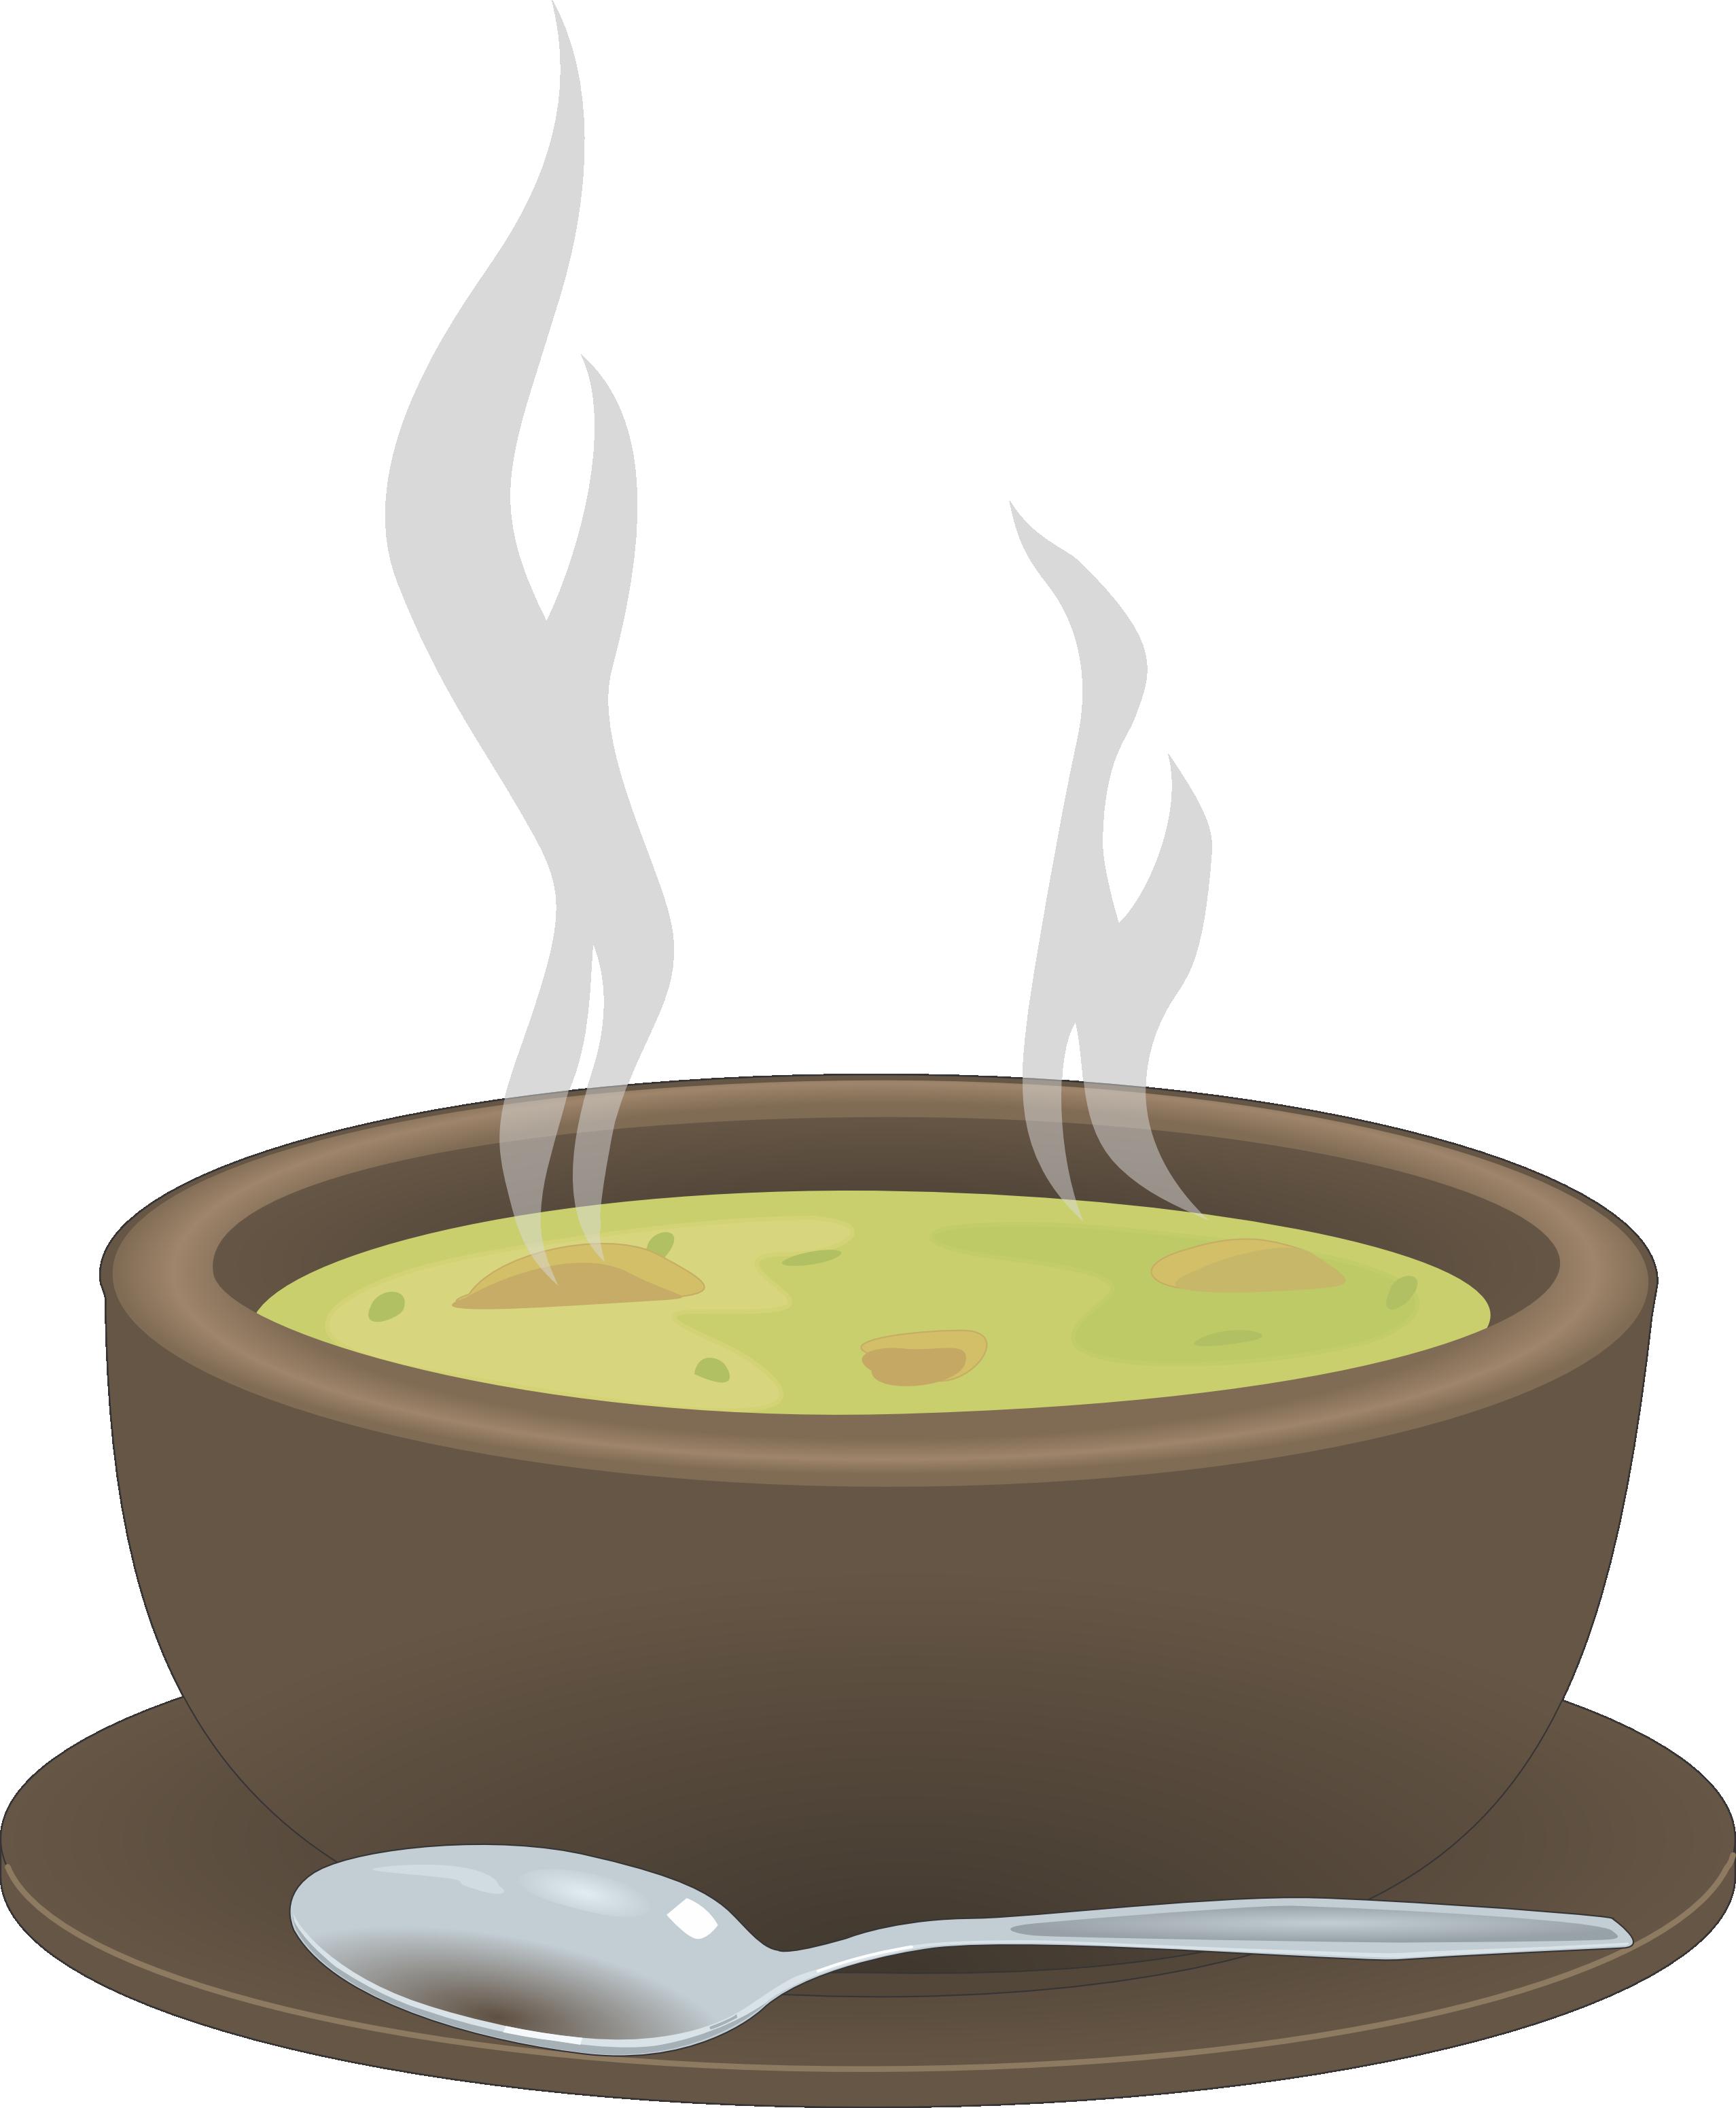 Soup clip art pictures free clipart images 4